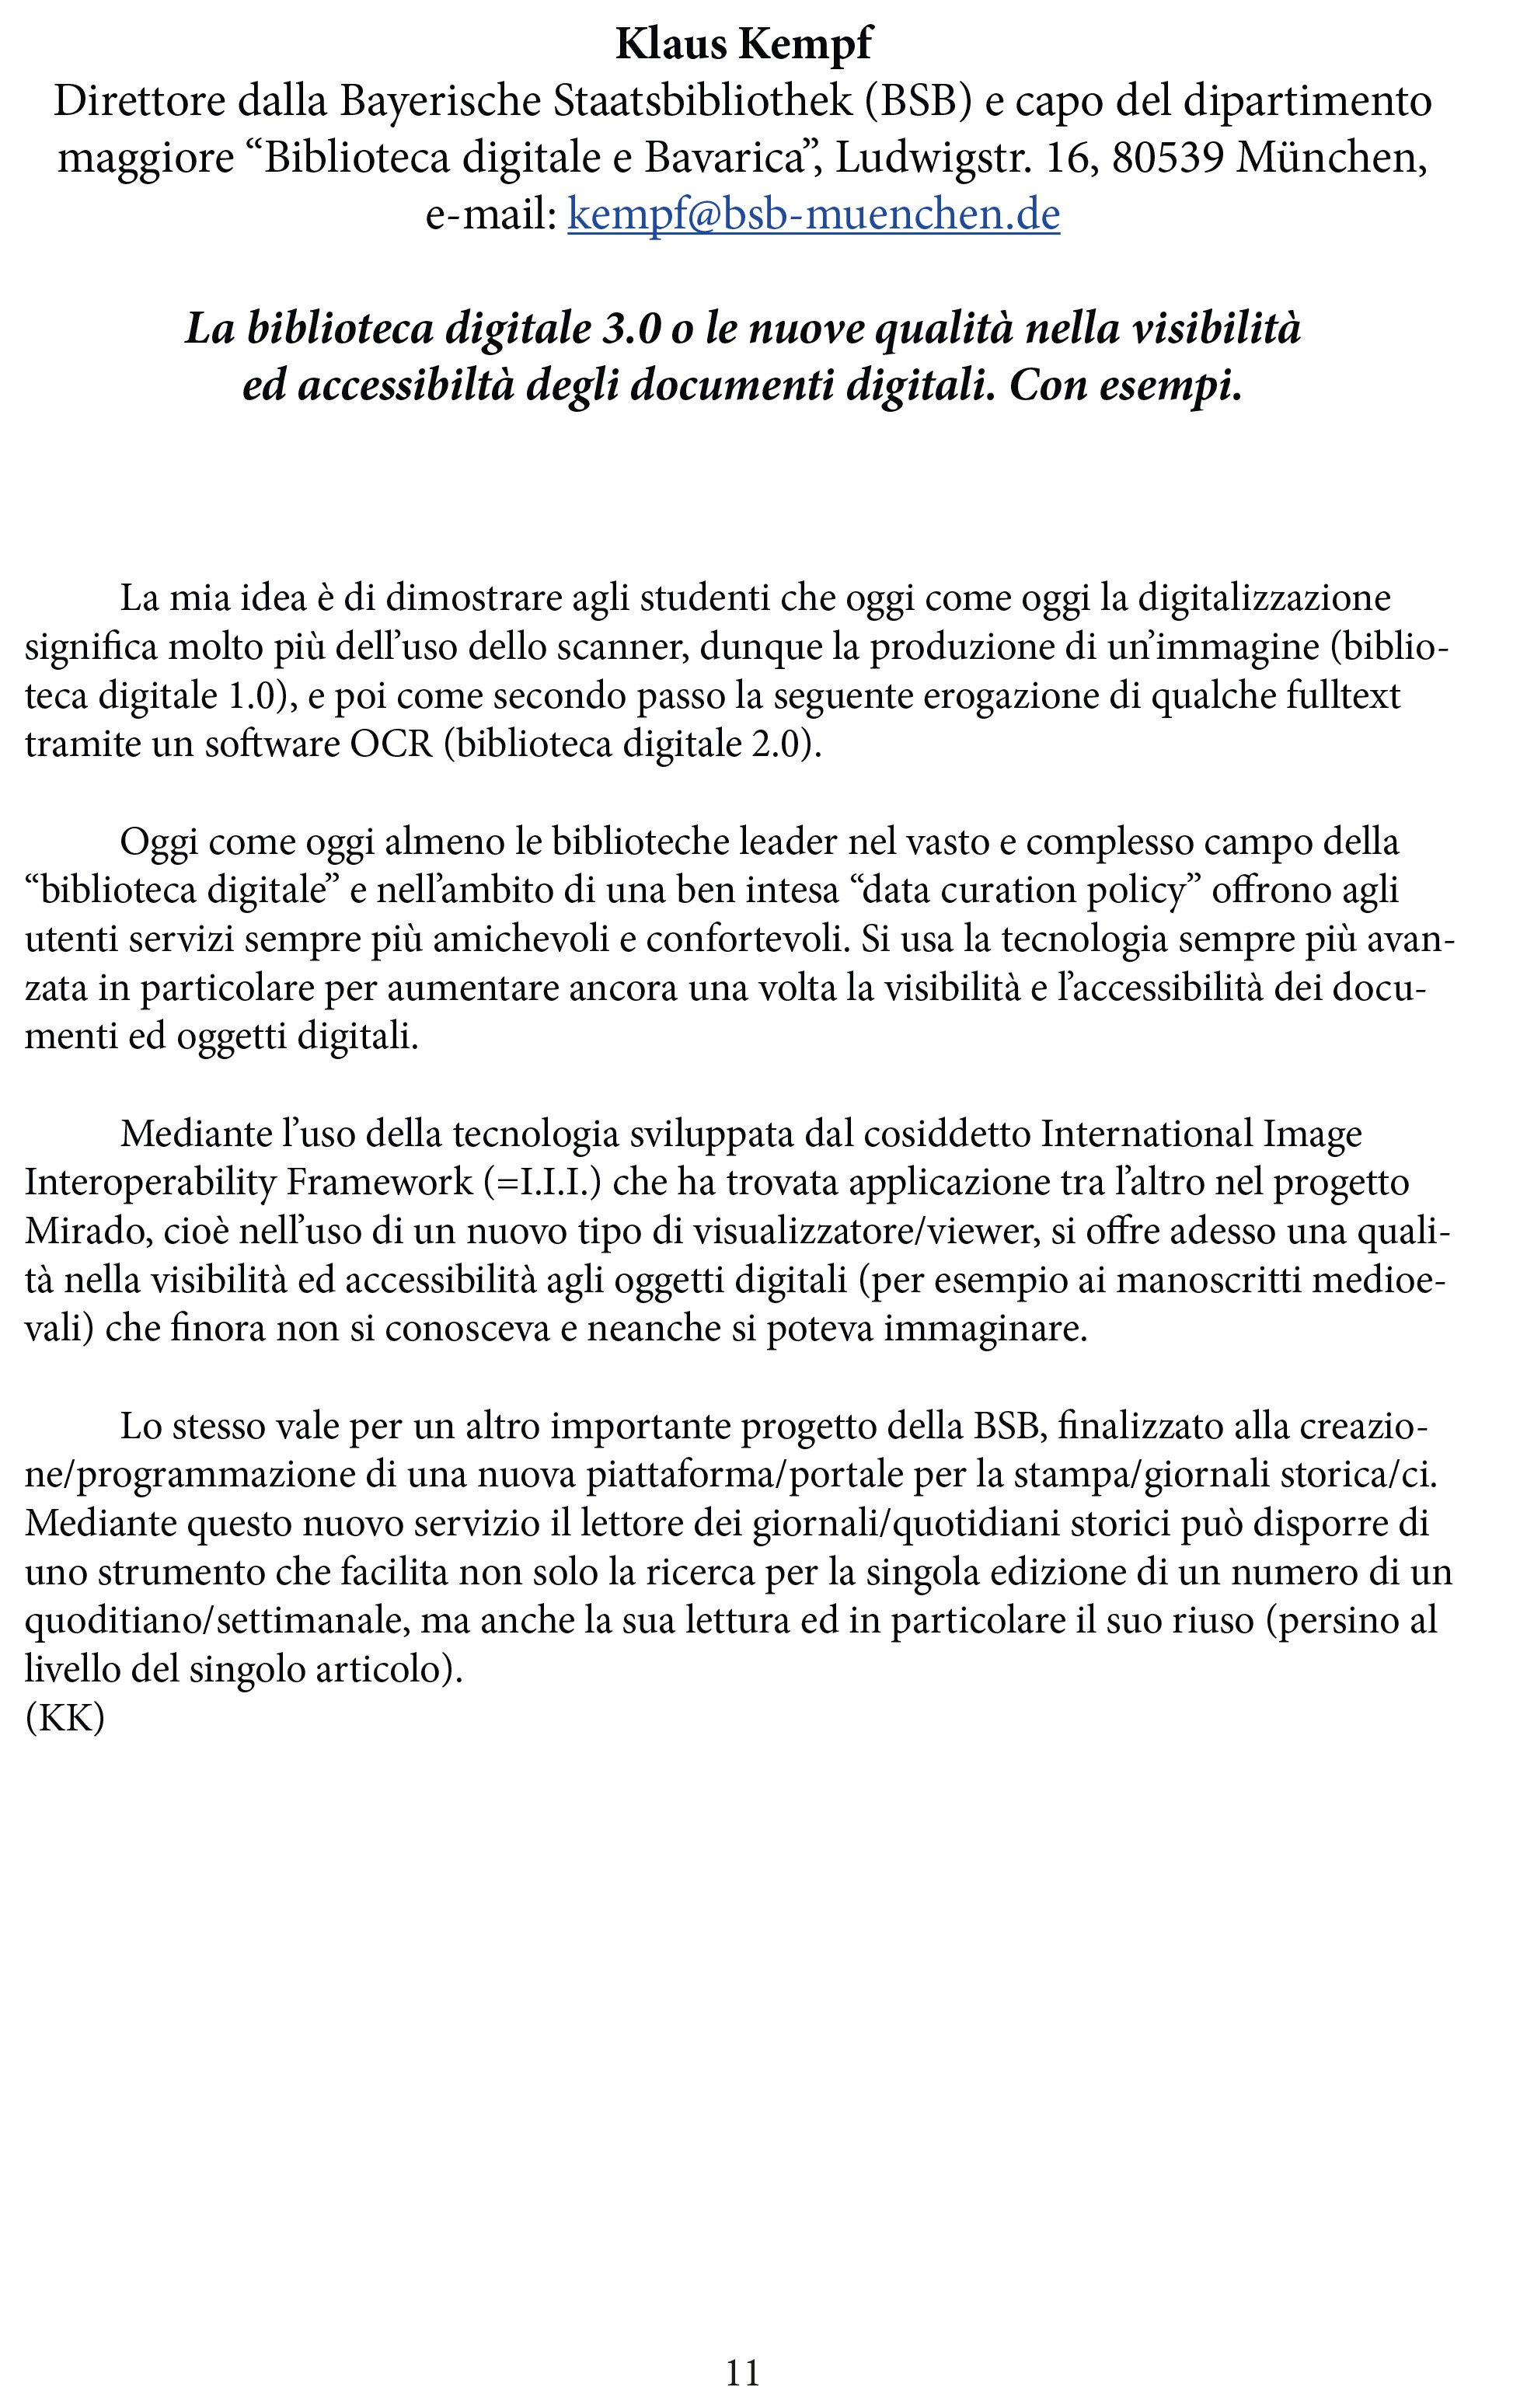 STUDIARE AL TEMPO DI INTERNET-11